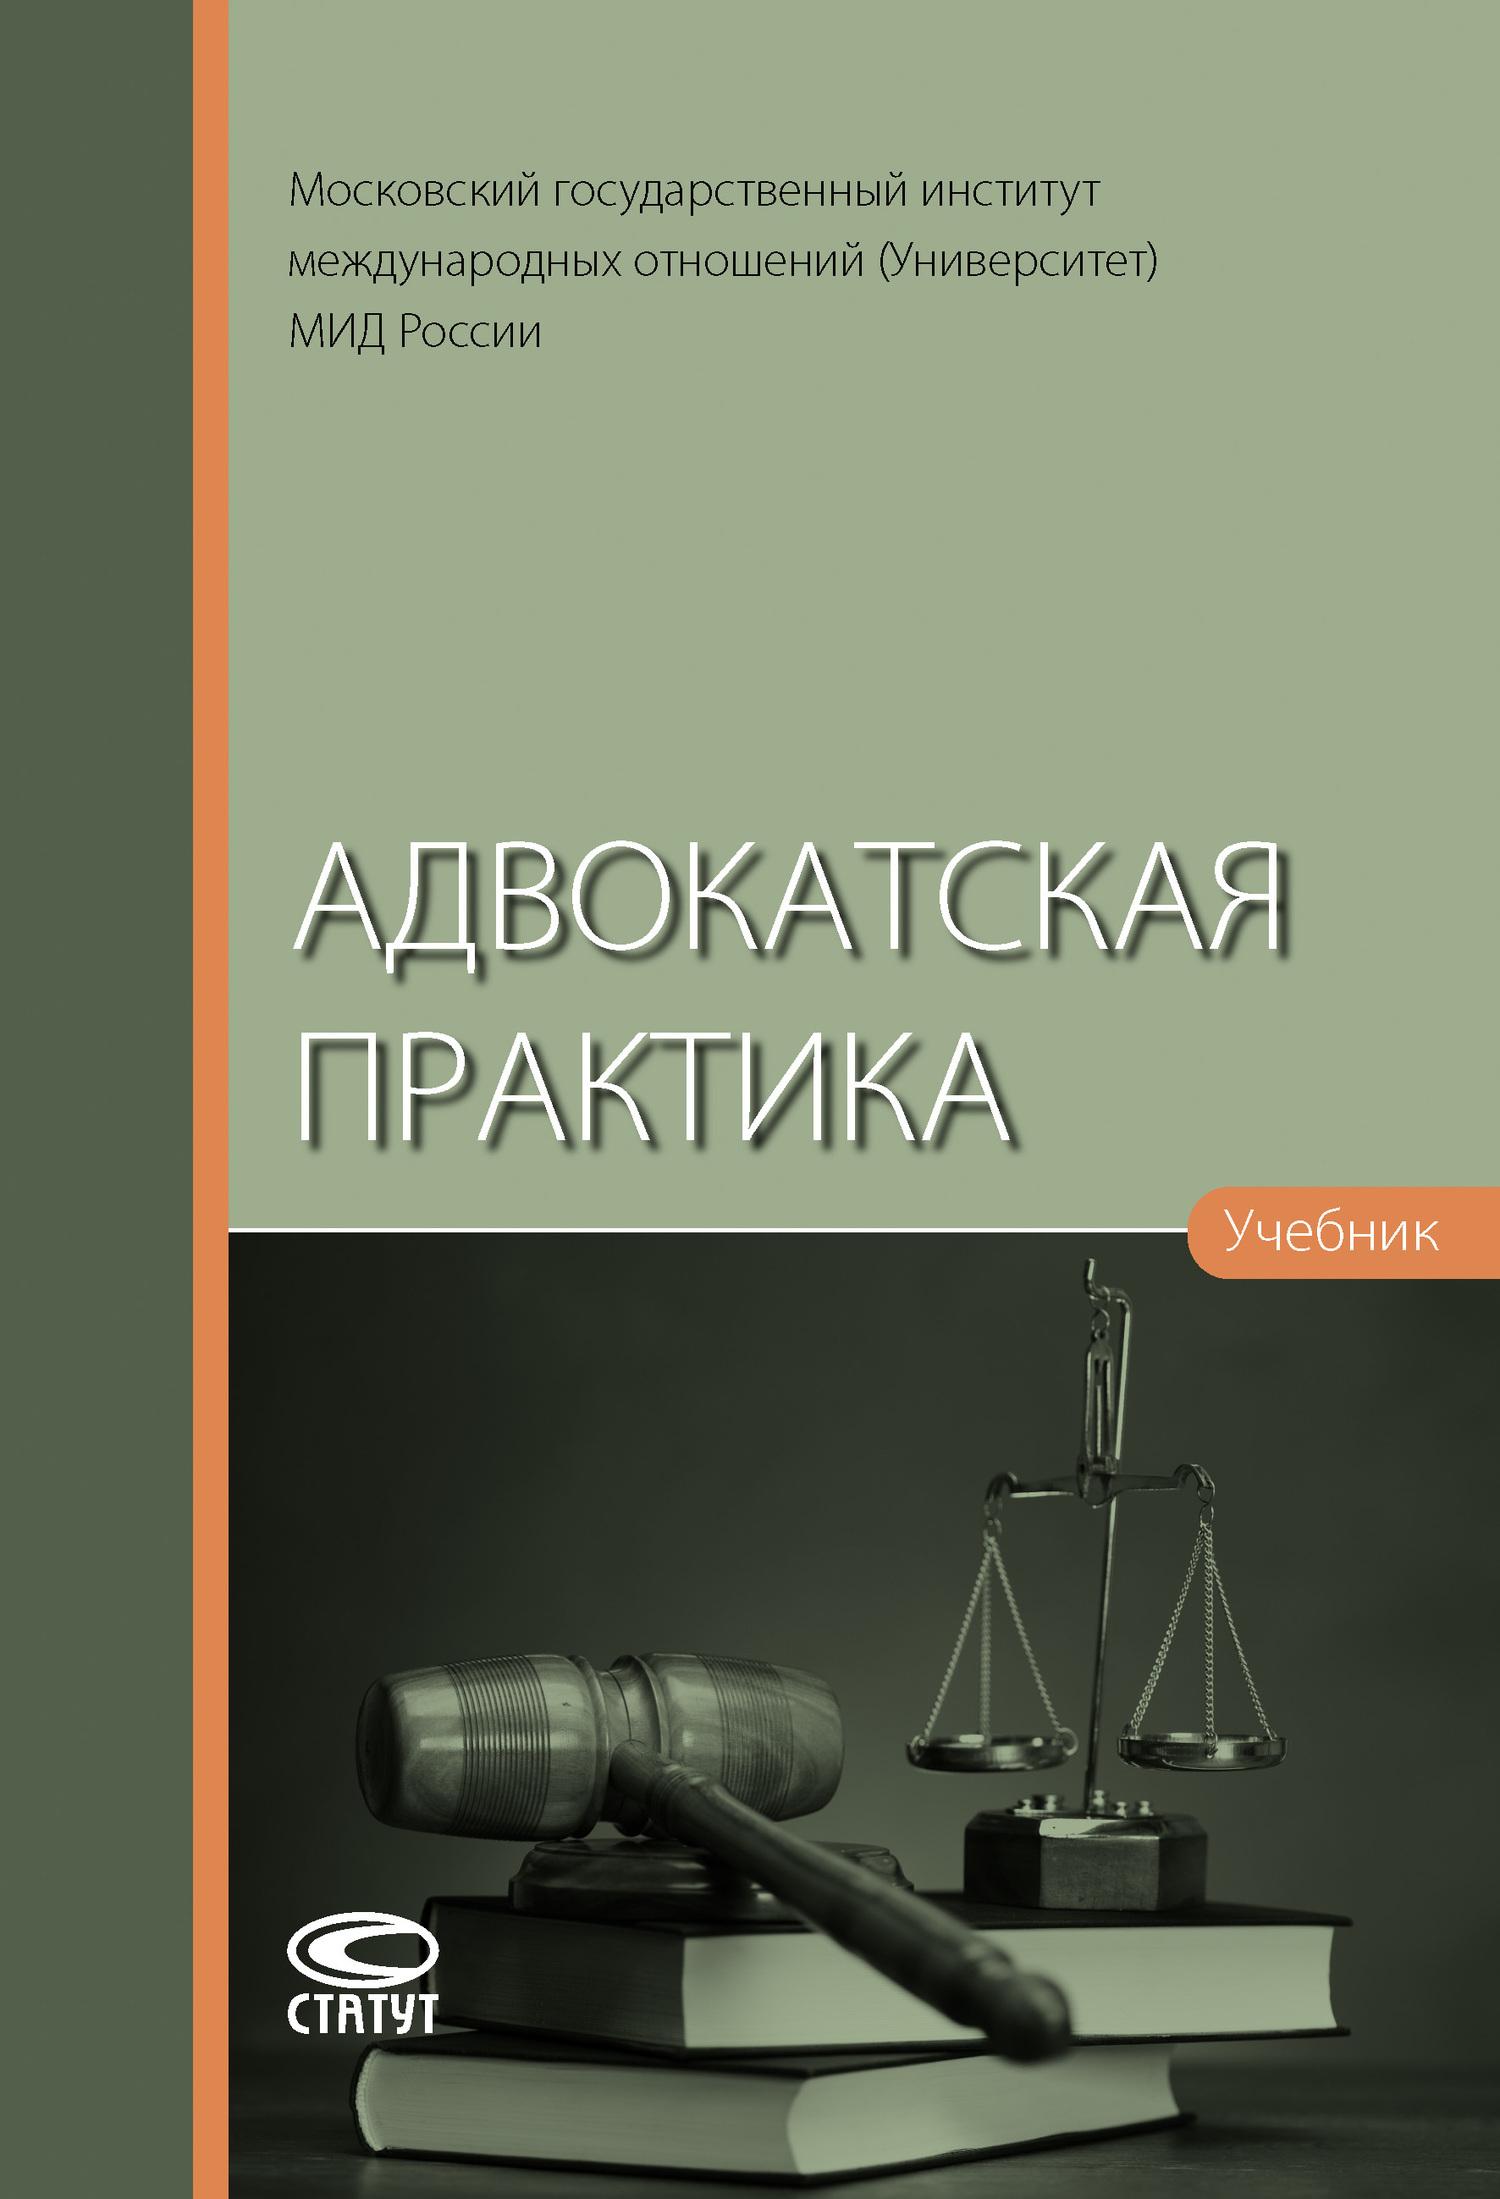 Адвокатская практика